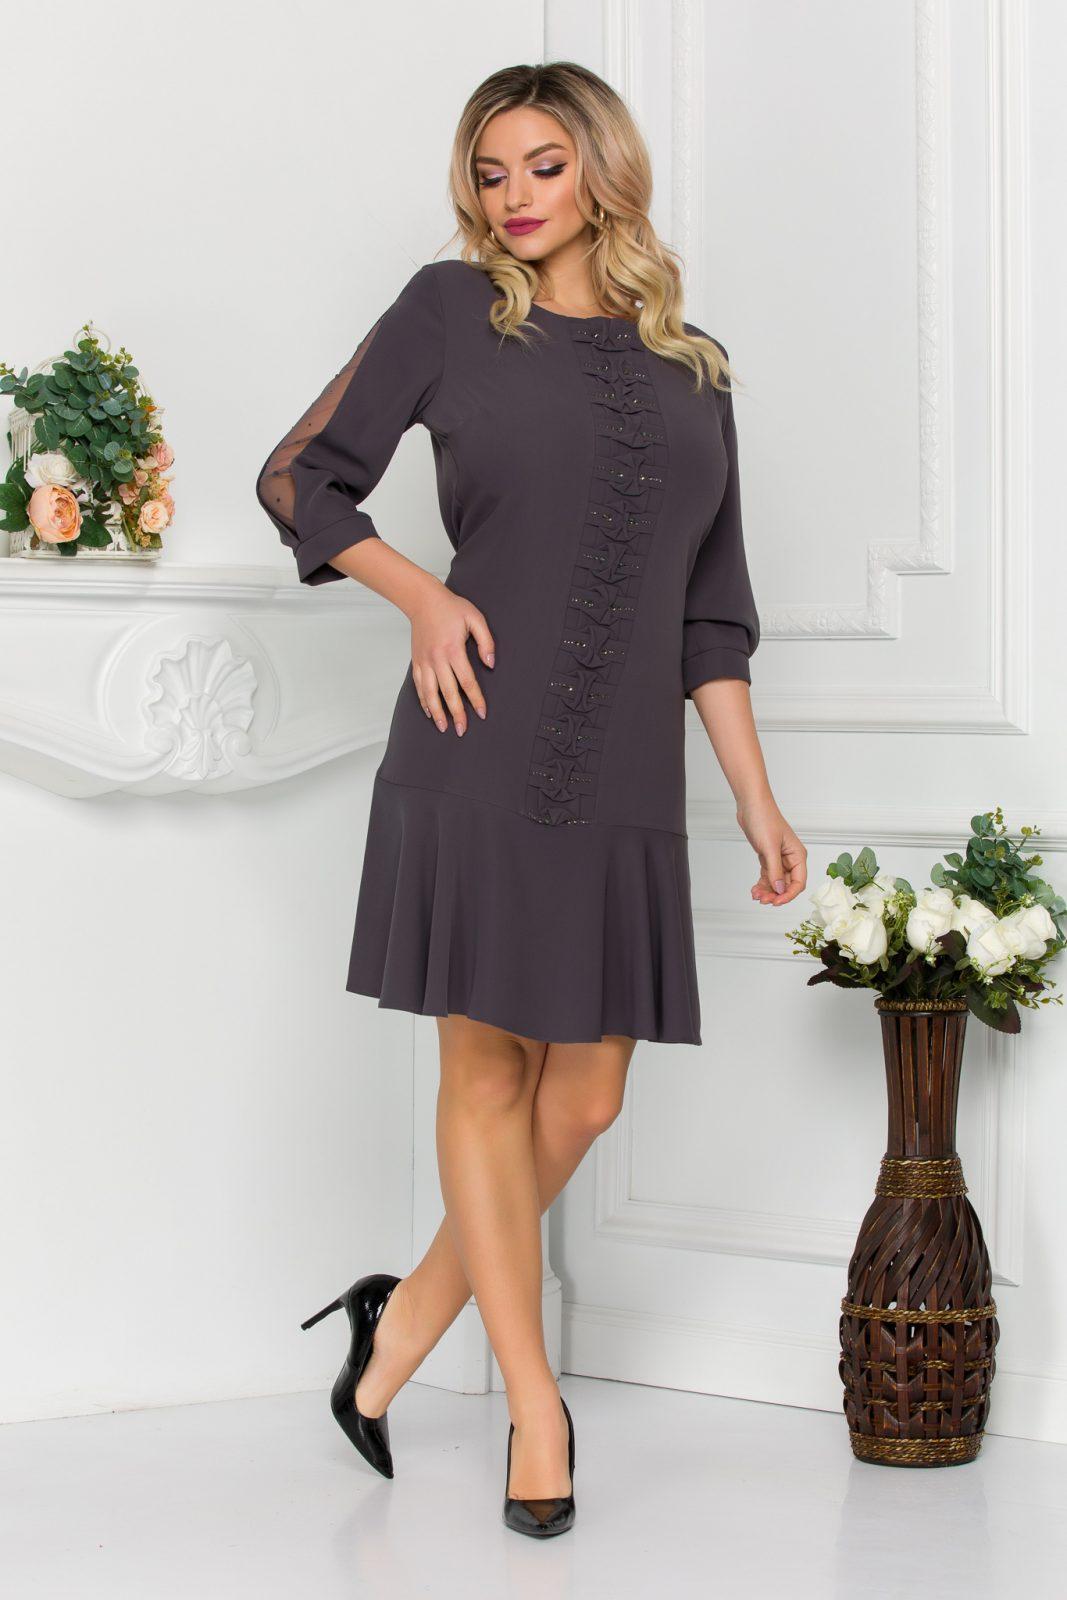 Γκρι Φόρεμα Με Βολάν Evie 8866 2